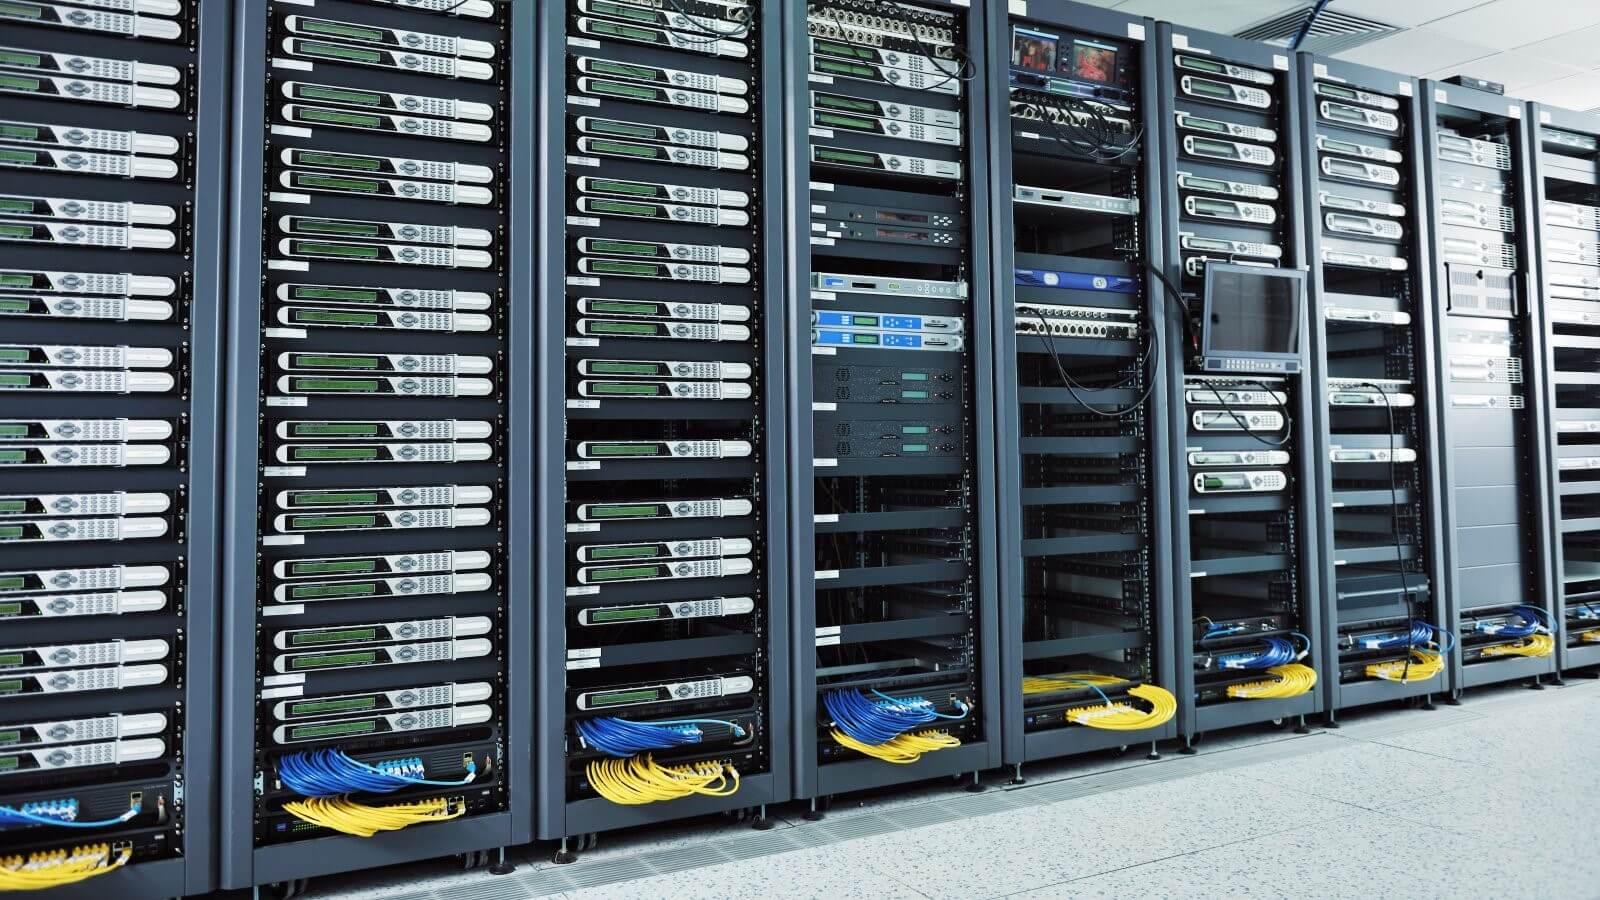 бесплатные vds сервера с windows